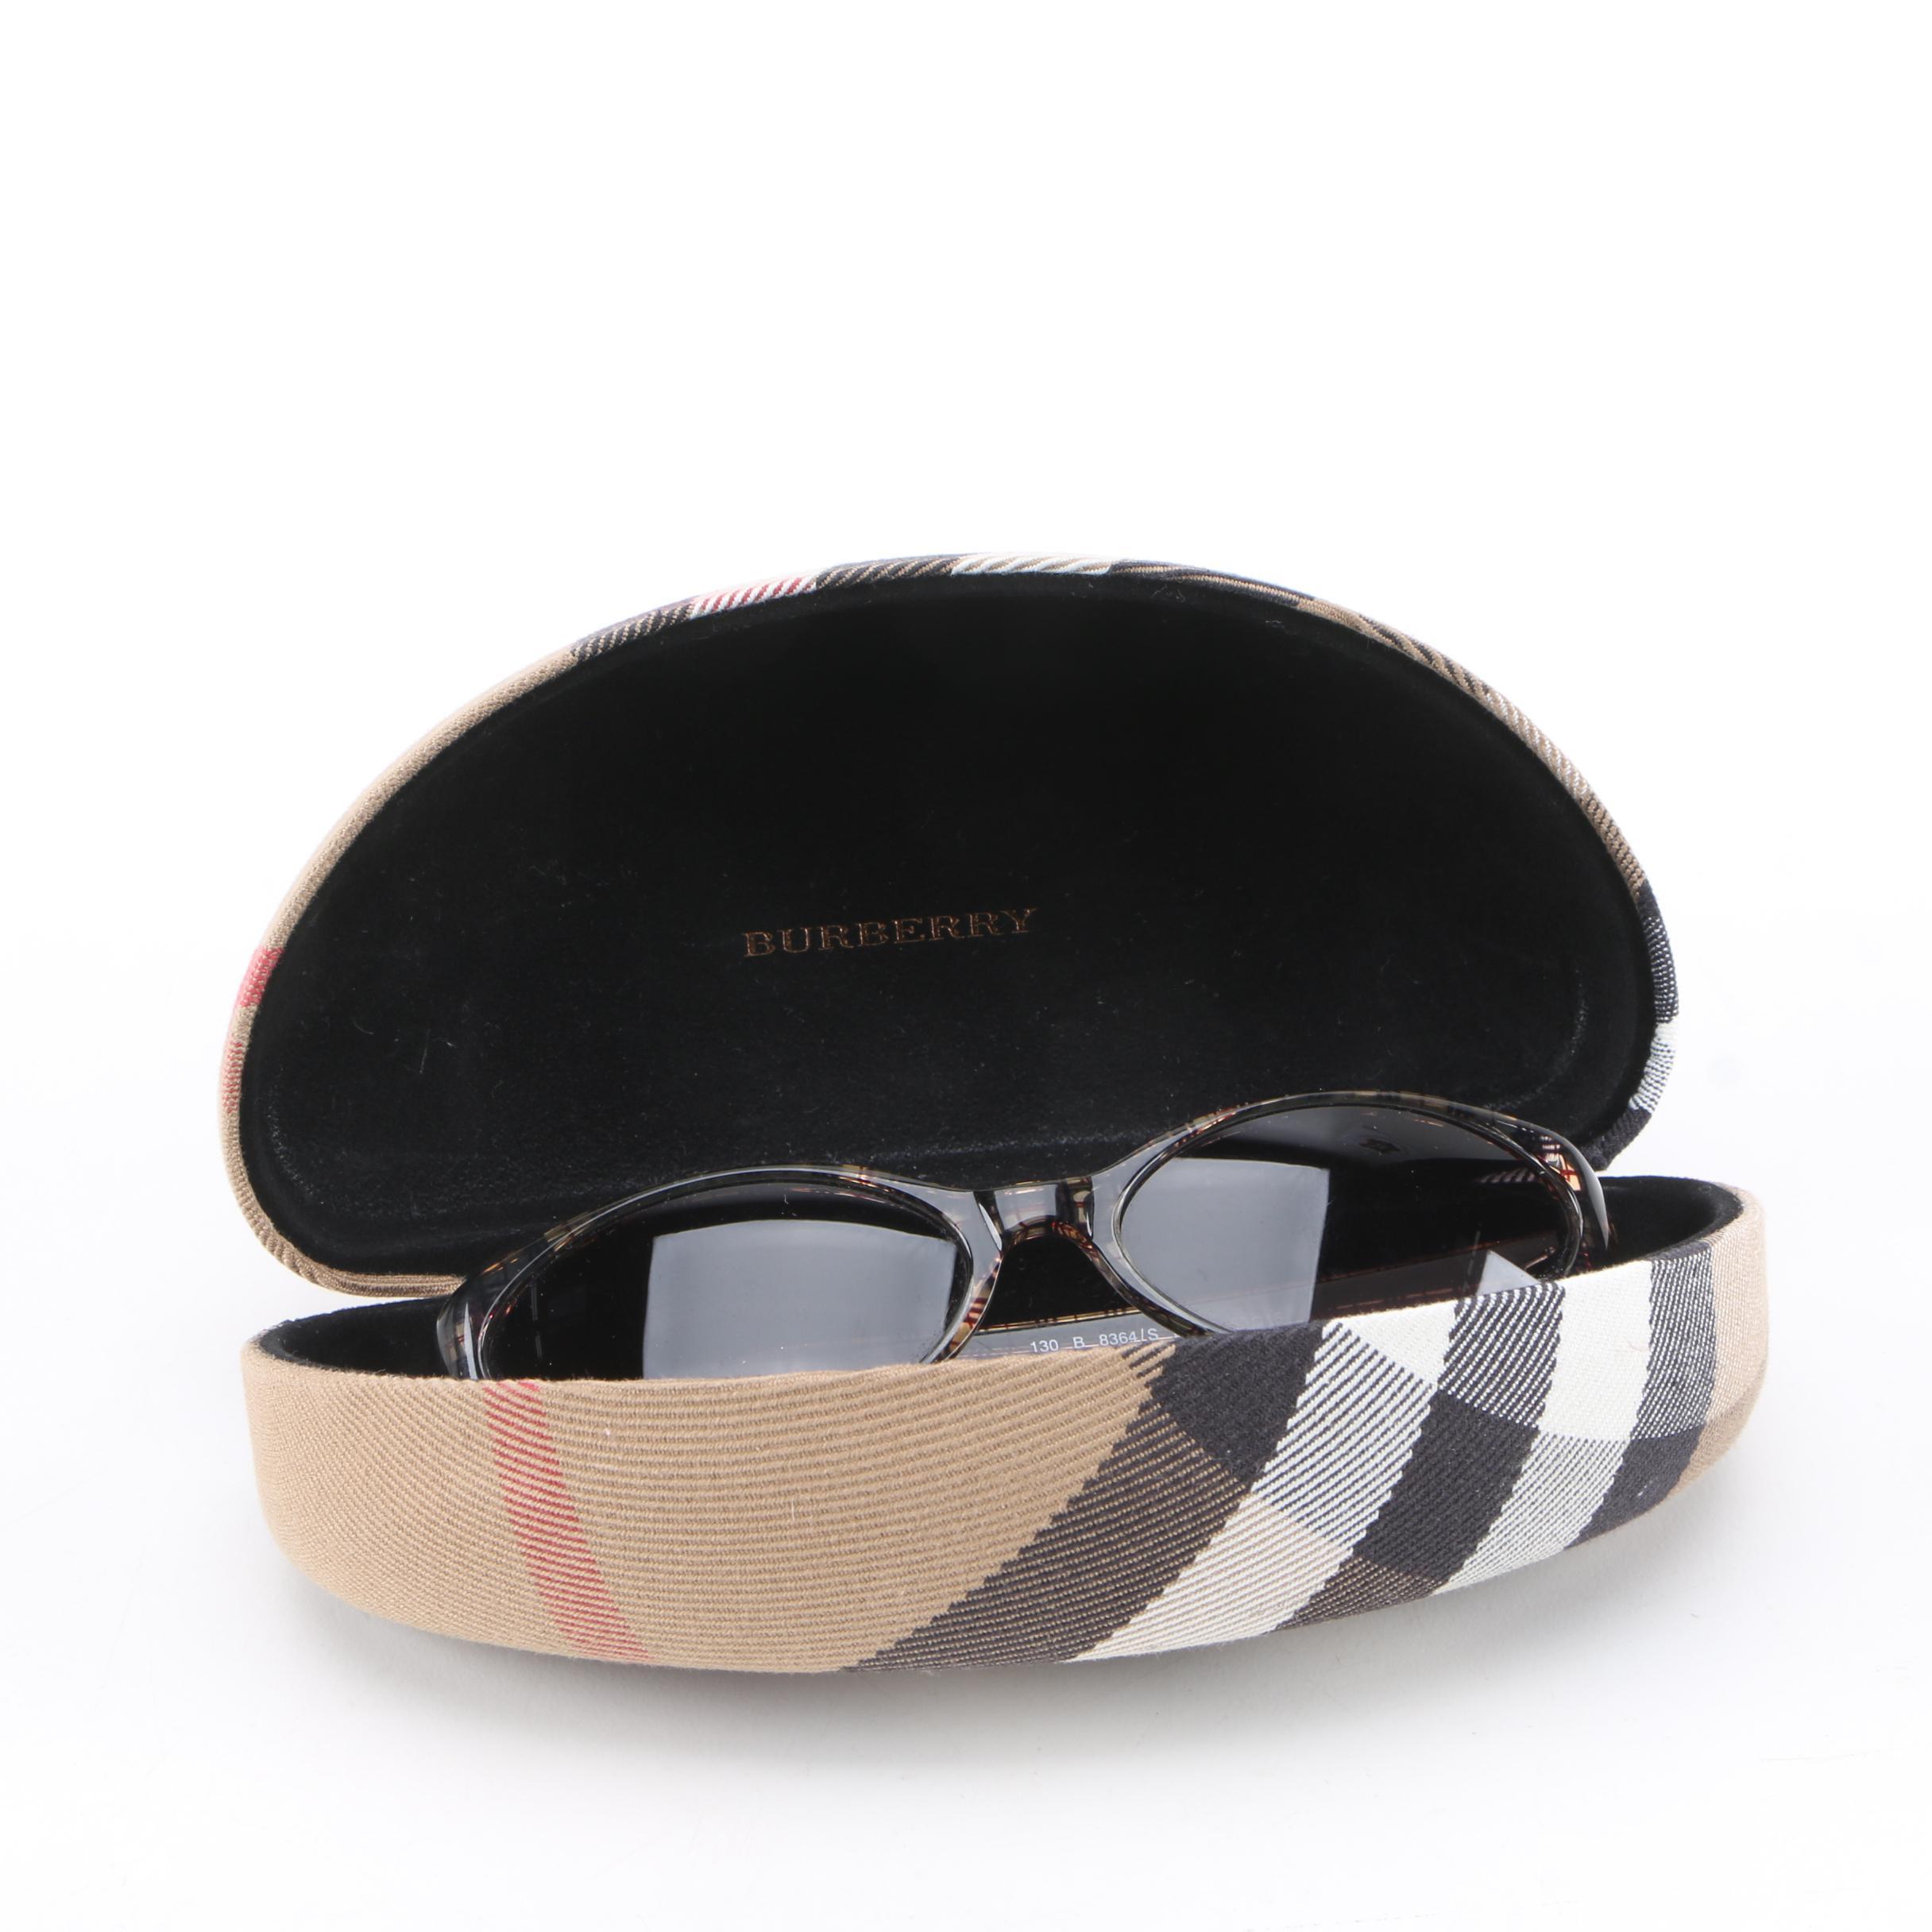 f4d4c325154 Burberry safilo plaid check sunglasses with case ebth JPG 880x880 Safilo  cases